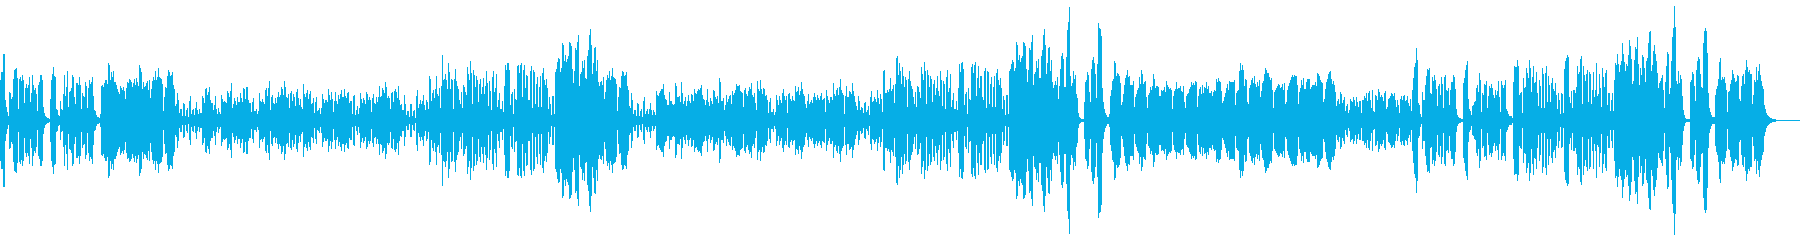 ダイナミックで、活気がありますが、...の再生済みの波形